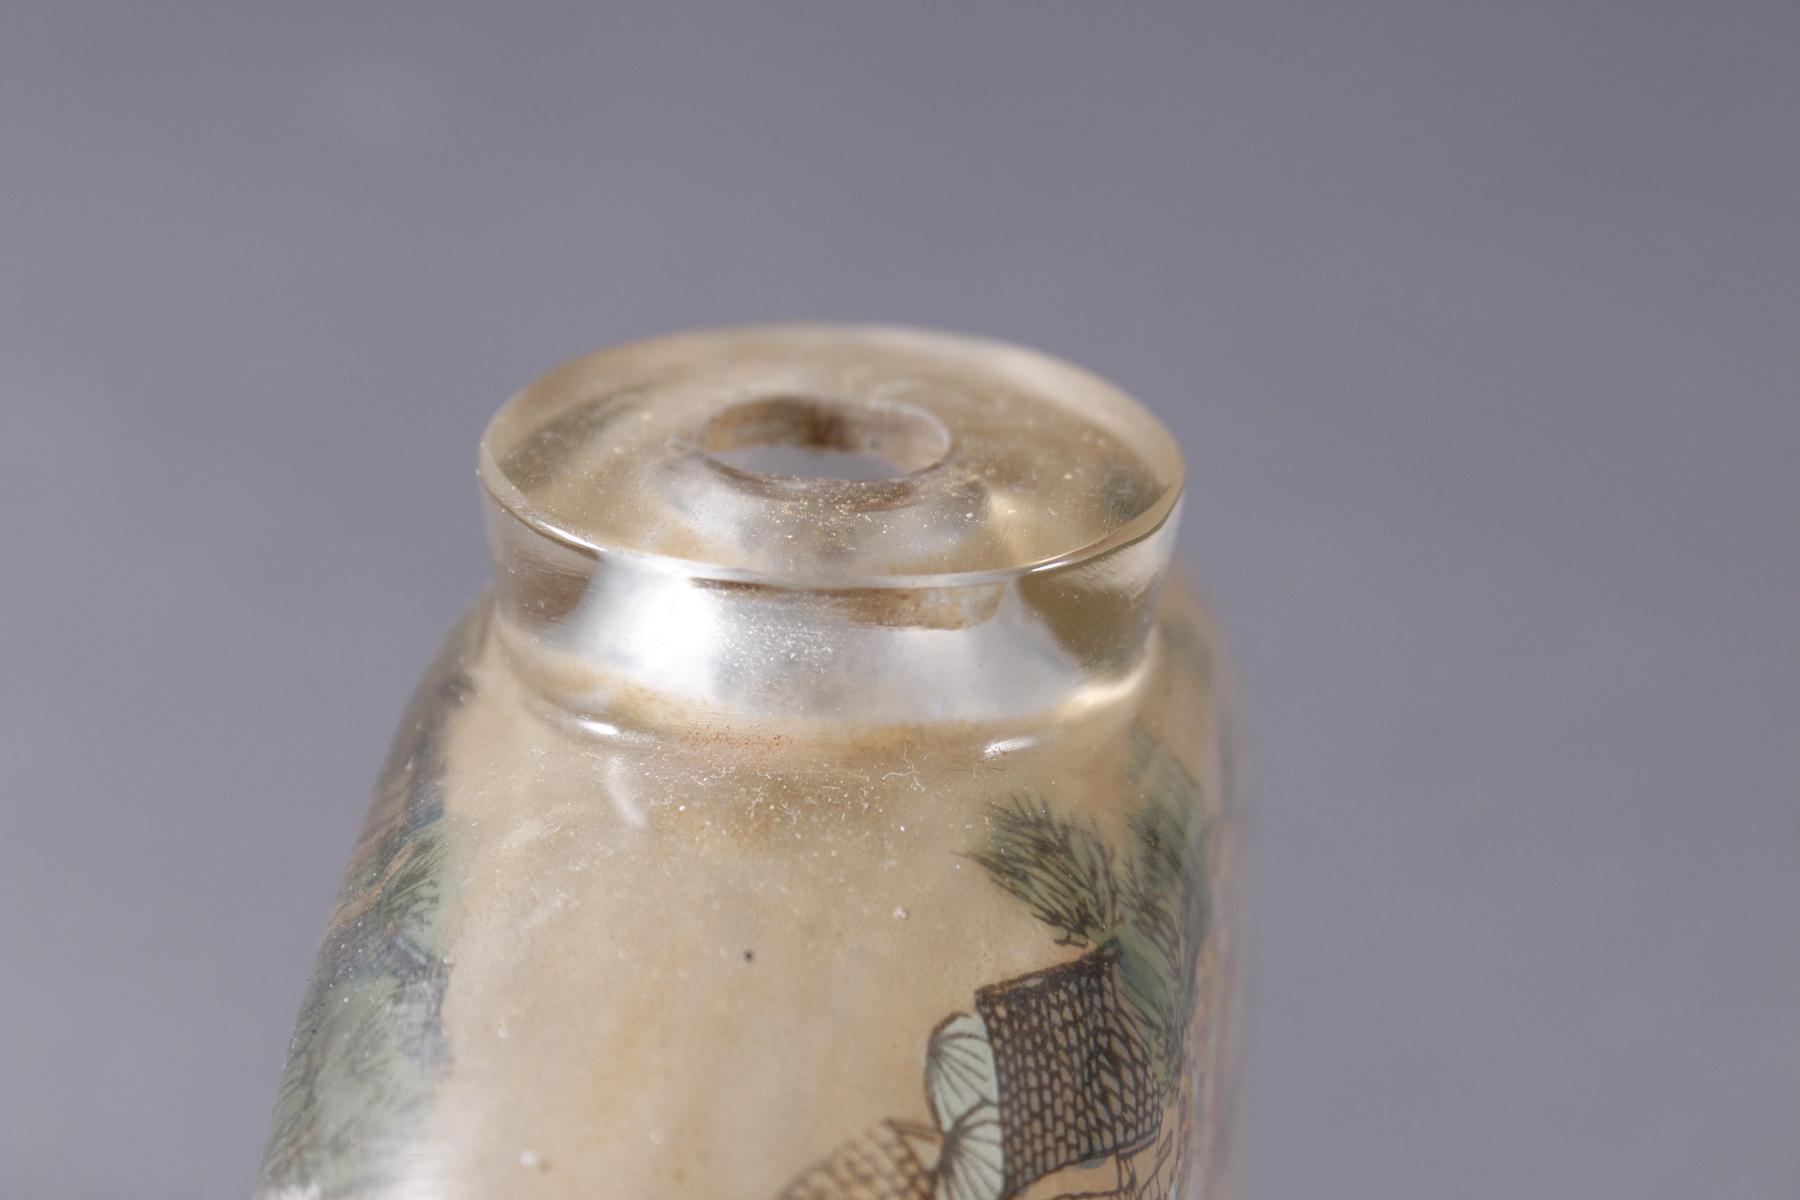 Große Glas Snuffbottle, 1. Hälfte 20. Jahrhundert-5